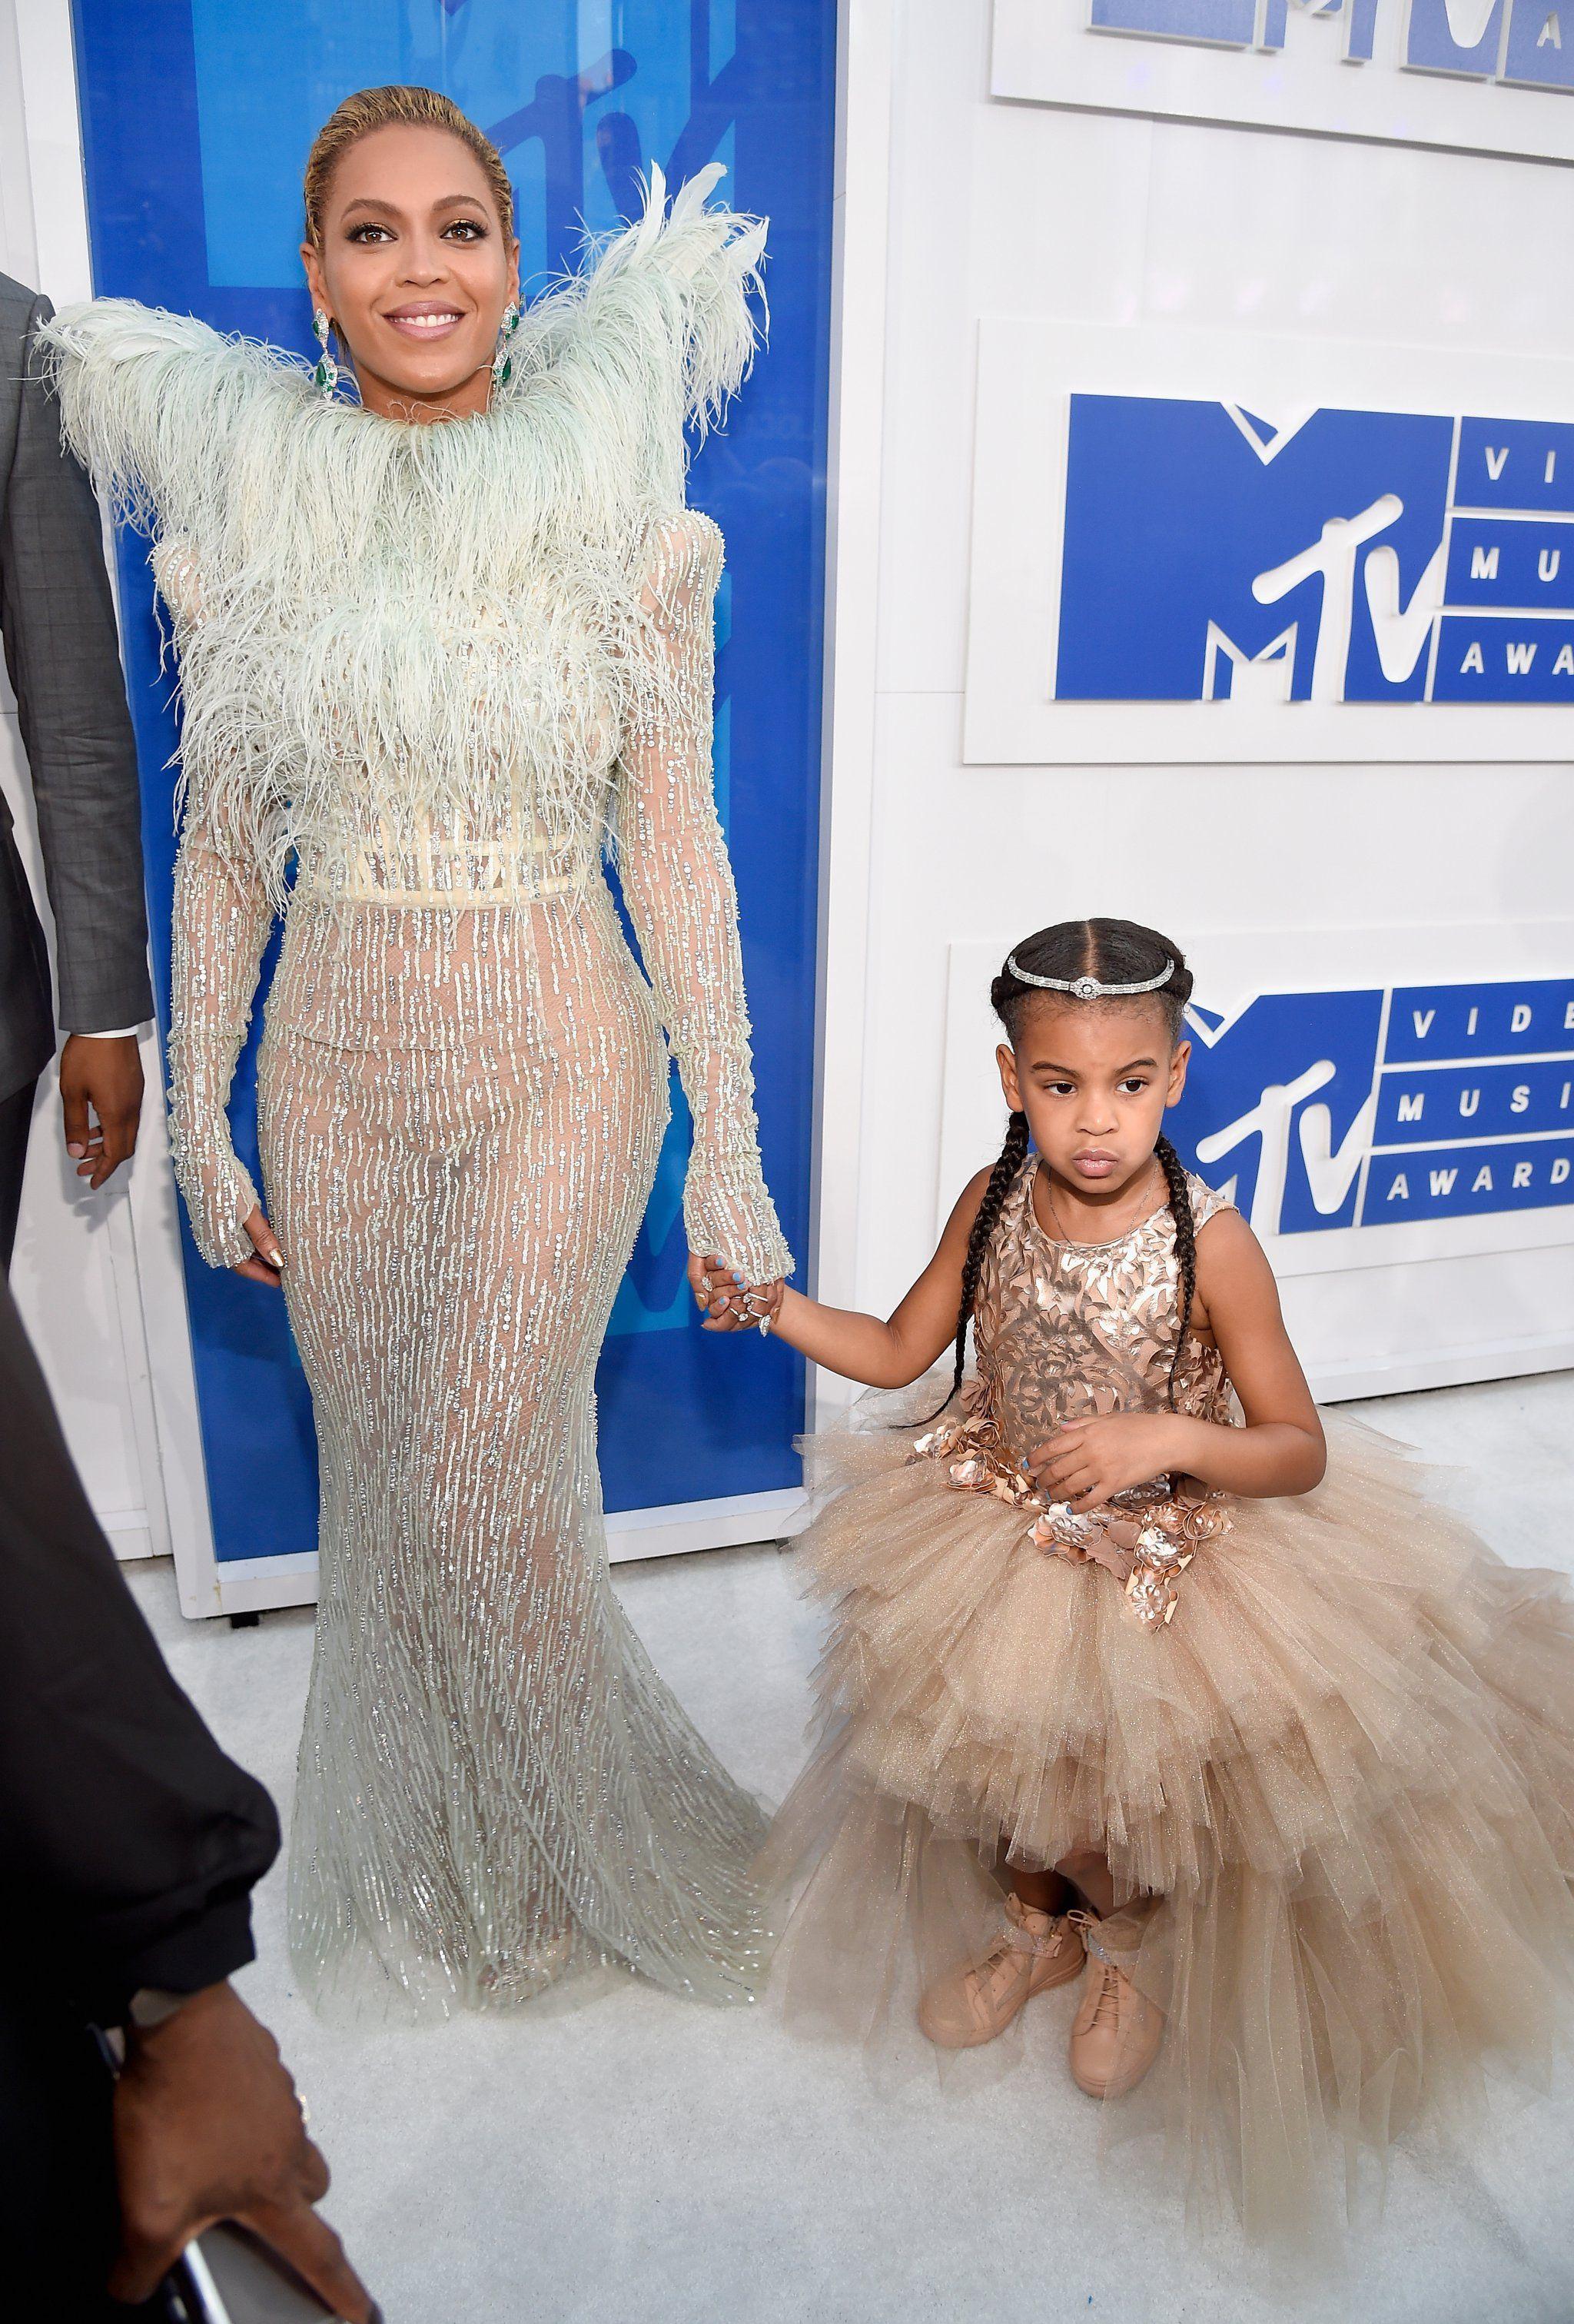 becb8342c283 Beyoncé and Blue Ivy